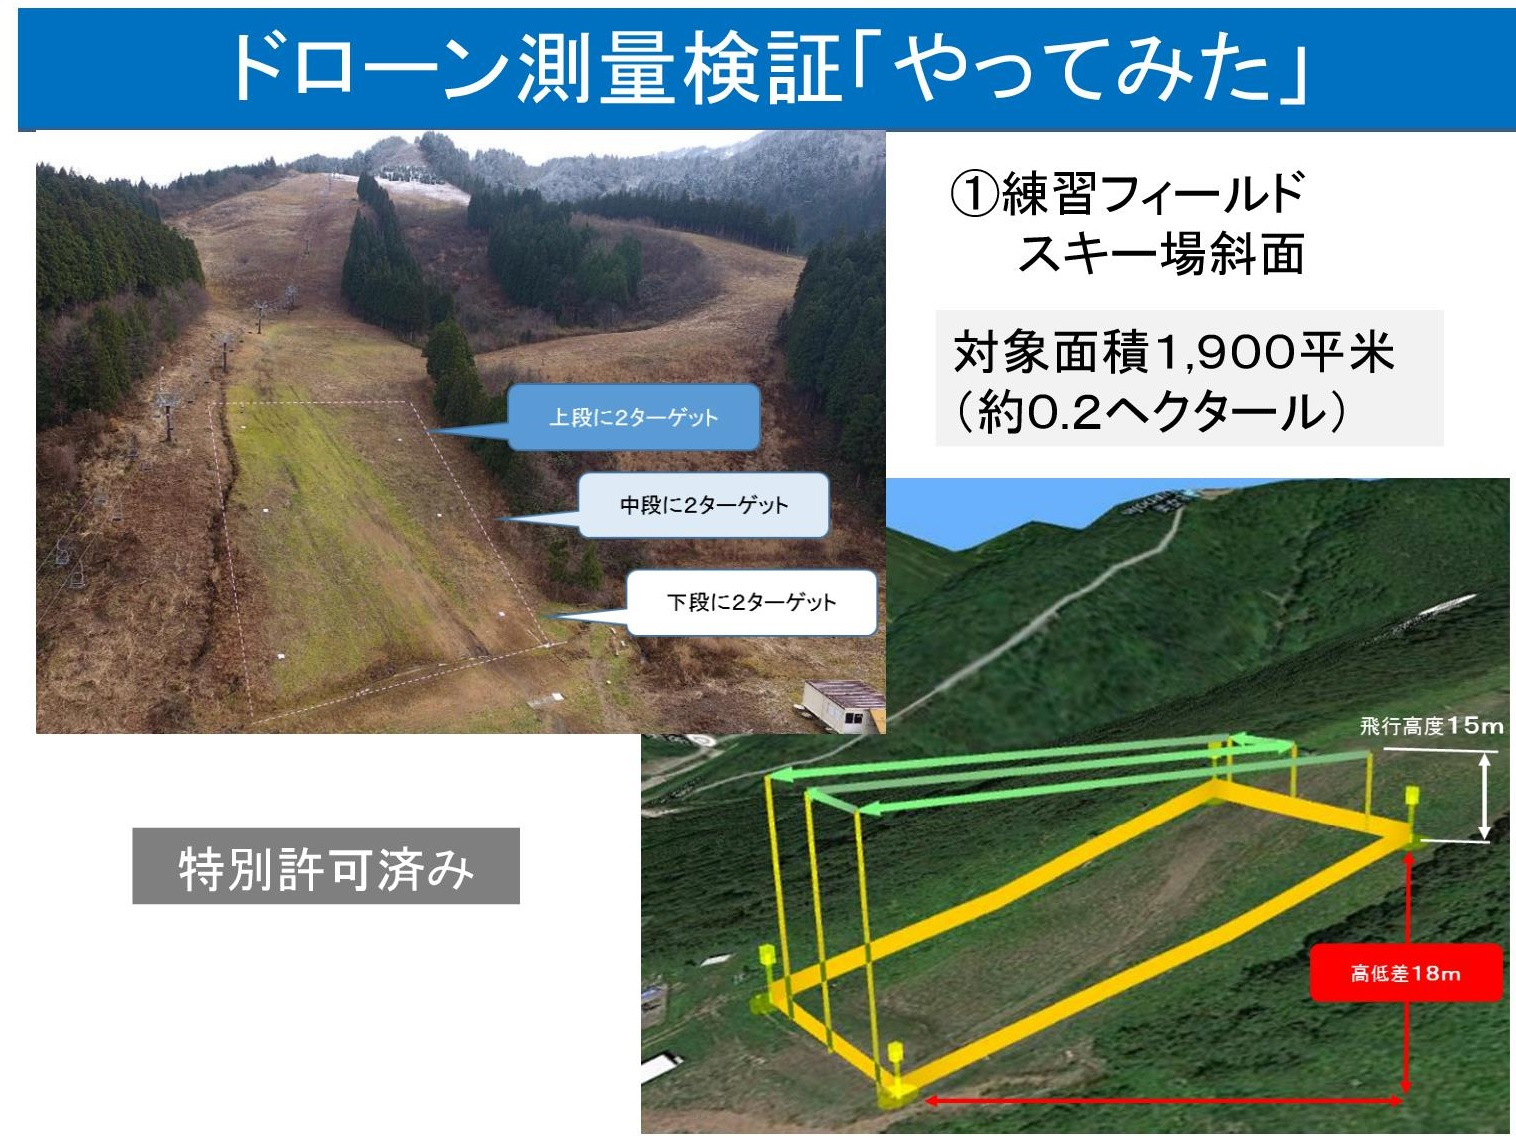 2017-01-30 検証 松嶋建設-001